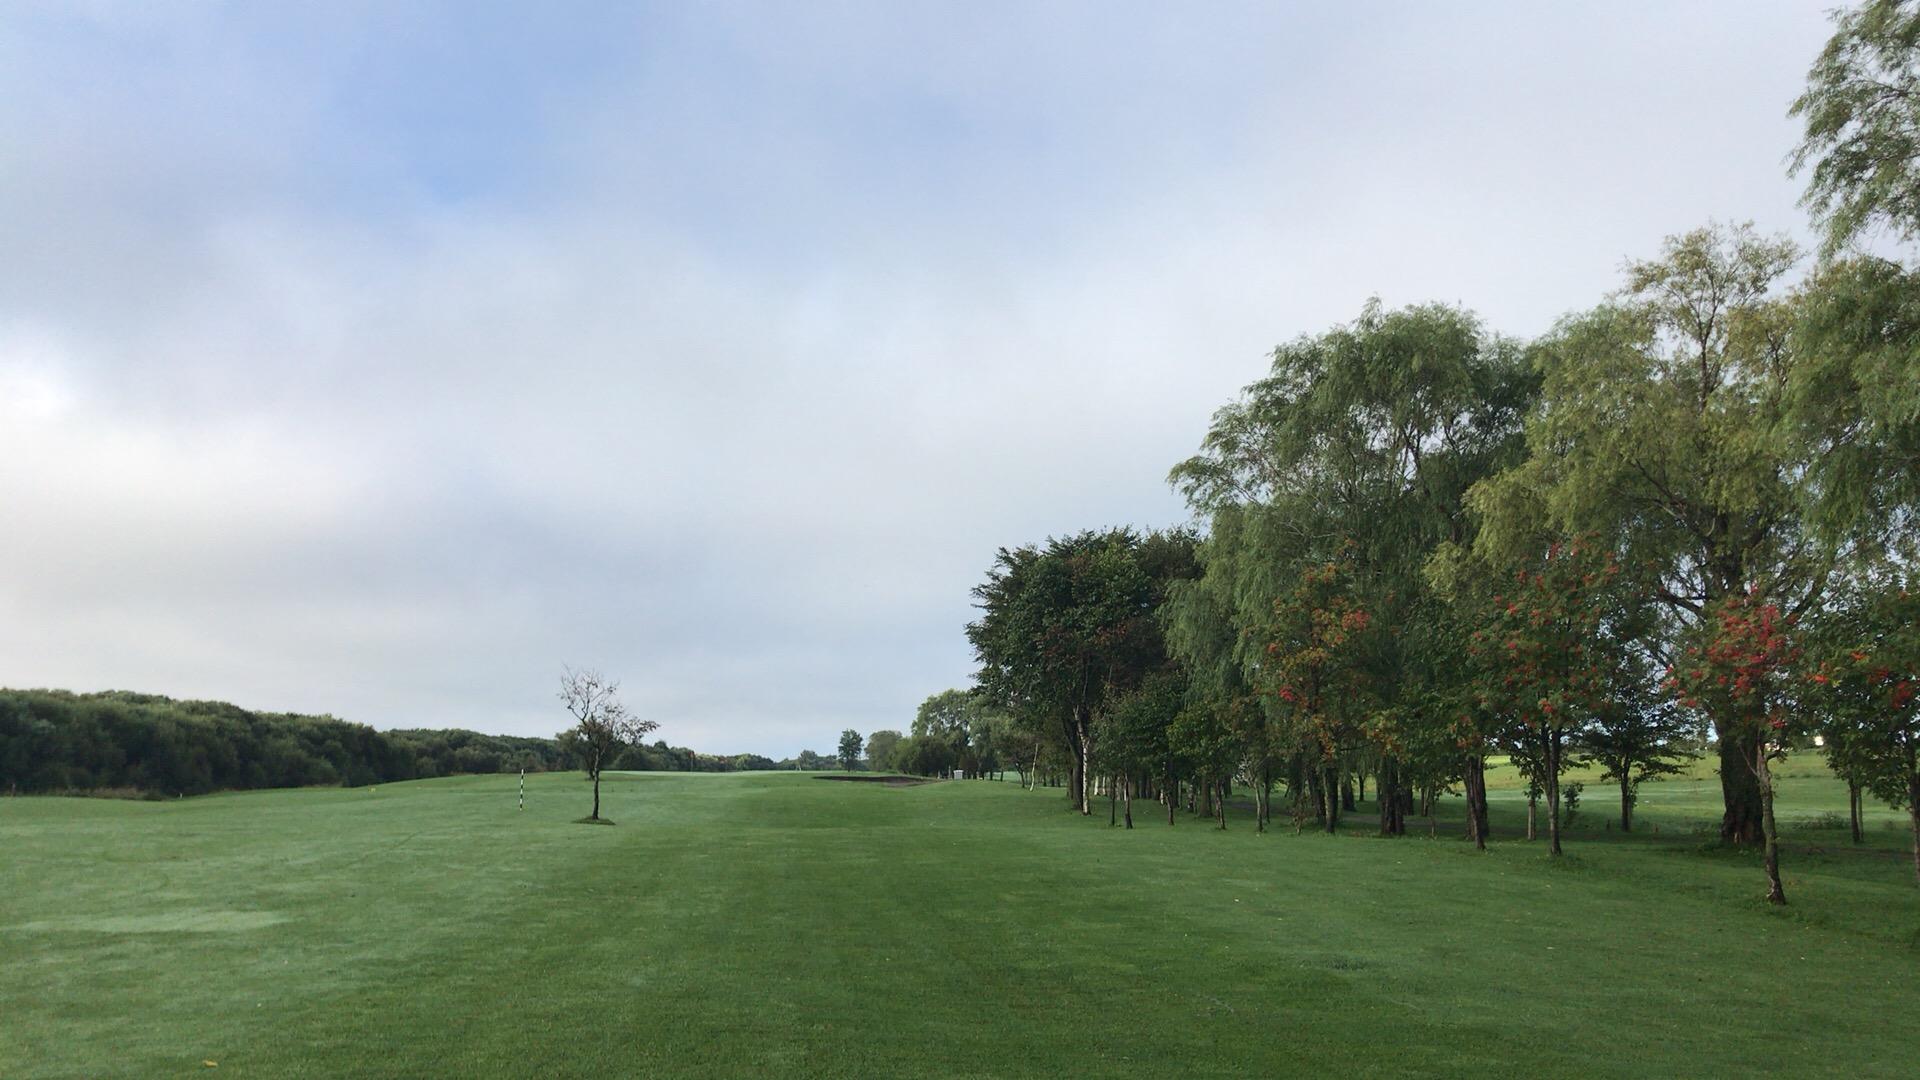 ニューしのつゴルフ場で今季ラスト早朝ラウンド